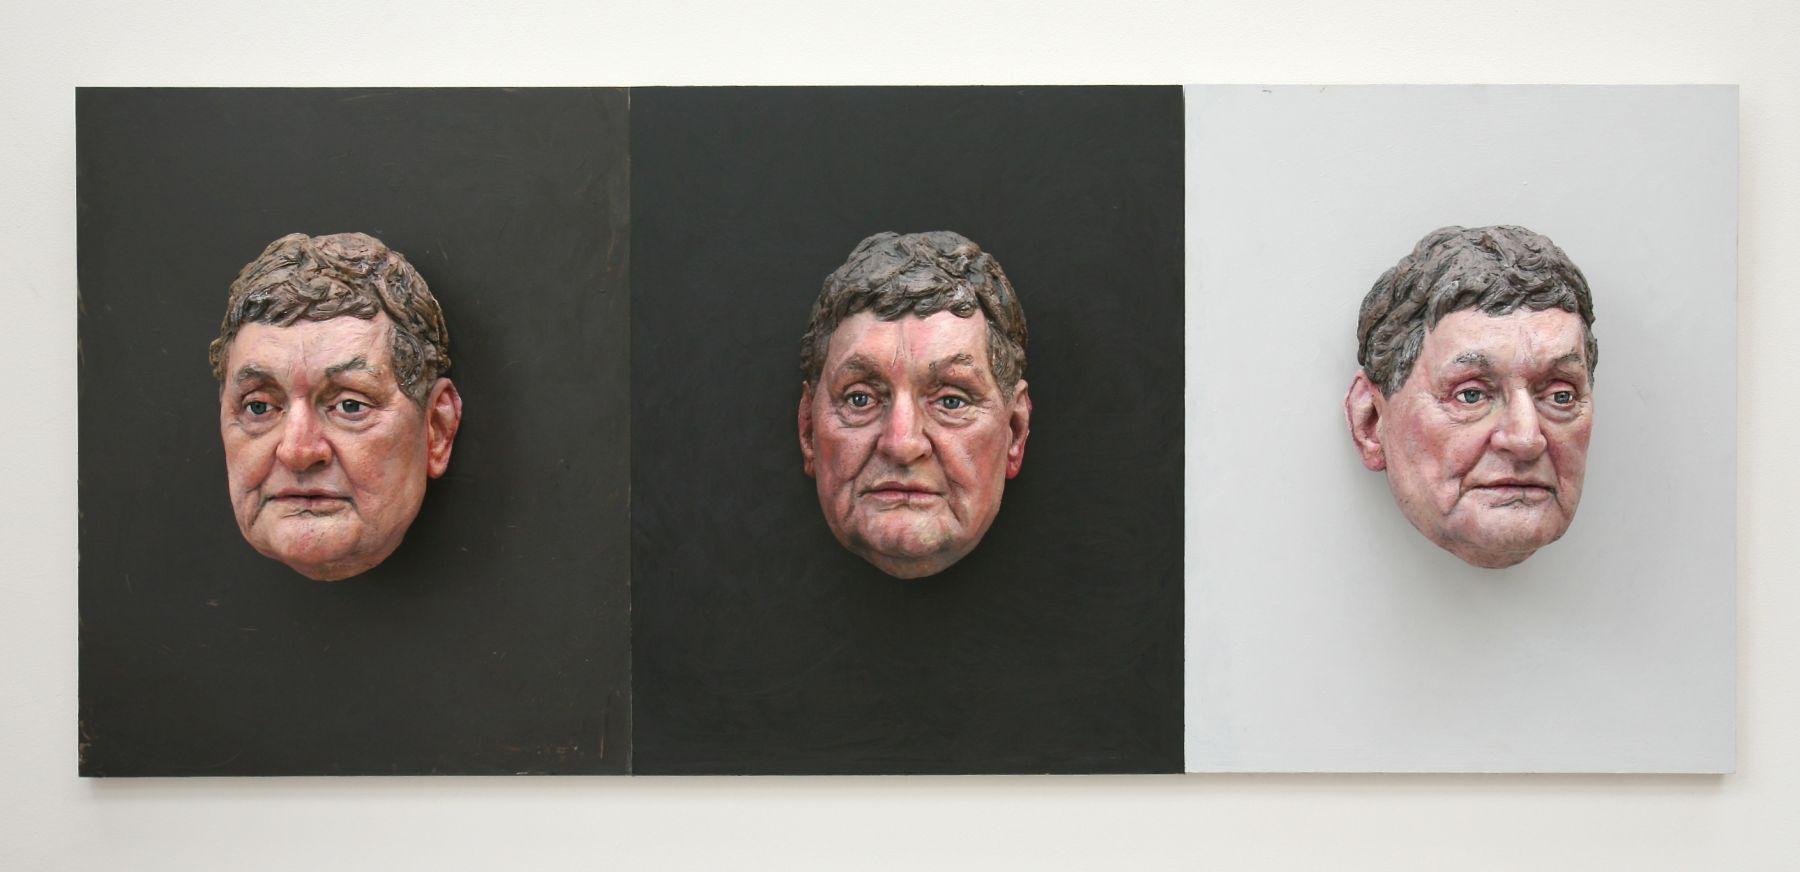 Sean Henry, Papillon, 2008, ceramic, oil paint, wood, 69 x 27 1/2 x 10 inches, Unique